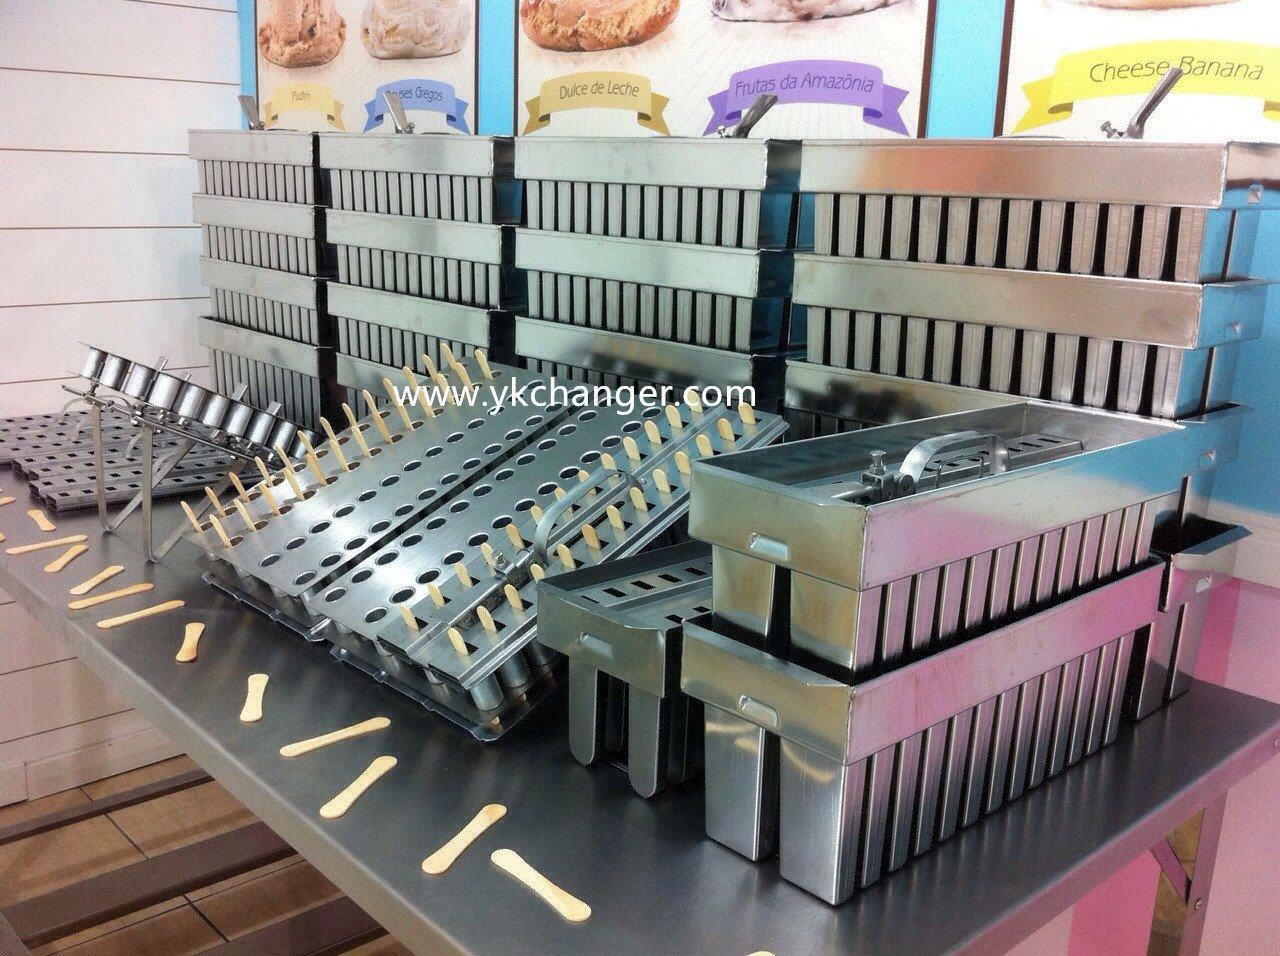 Acero inoxidable de hielo crema moldes Popsicle Moldes mexicana paletas 2 x 13 26 cavidades con Stick (uso comercial: Amazon.es: Hogar